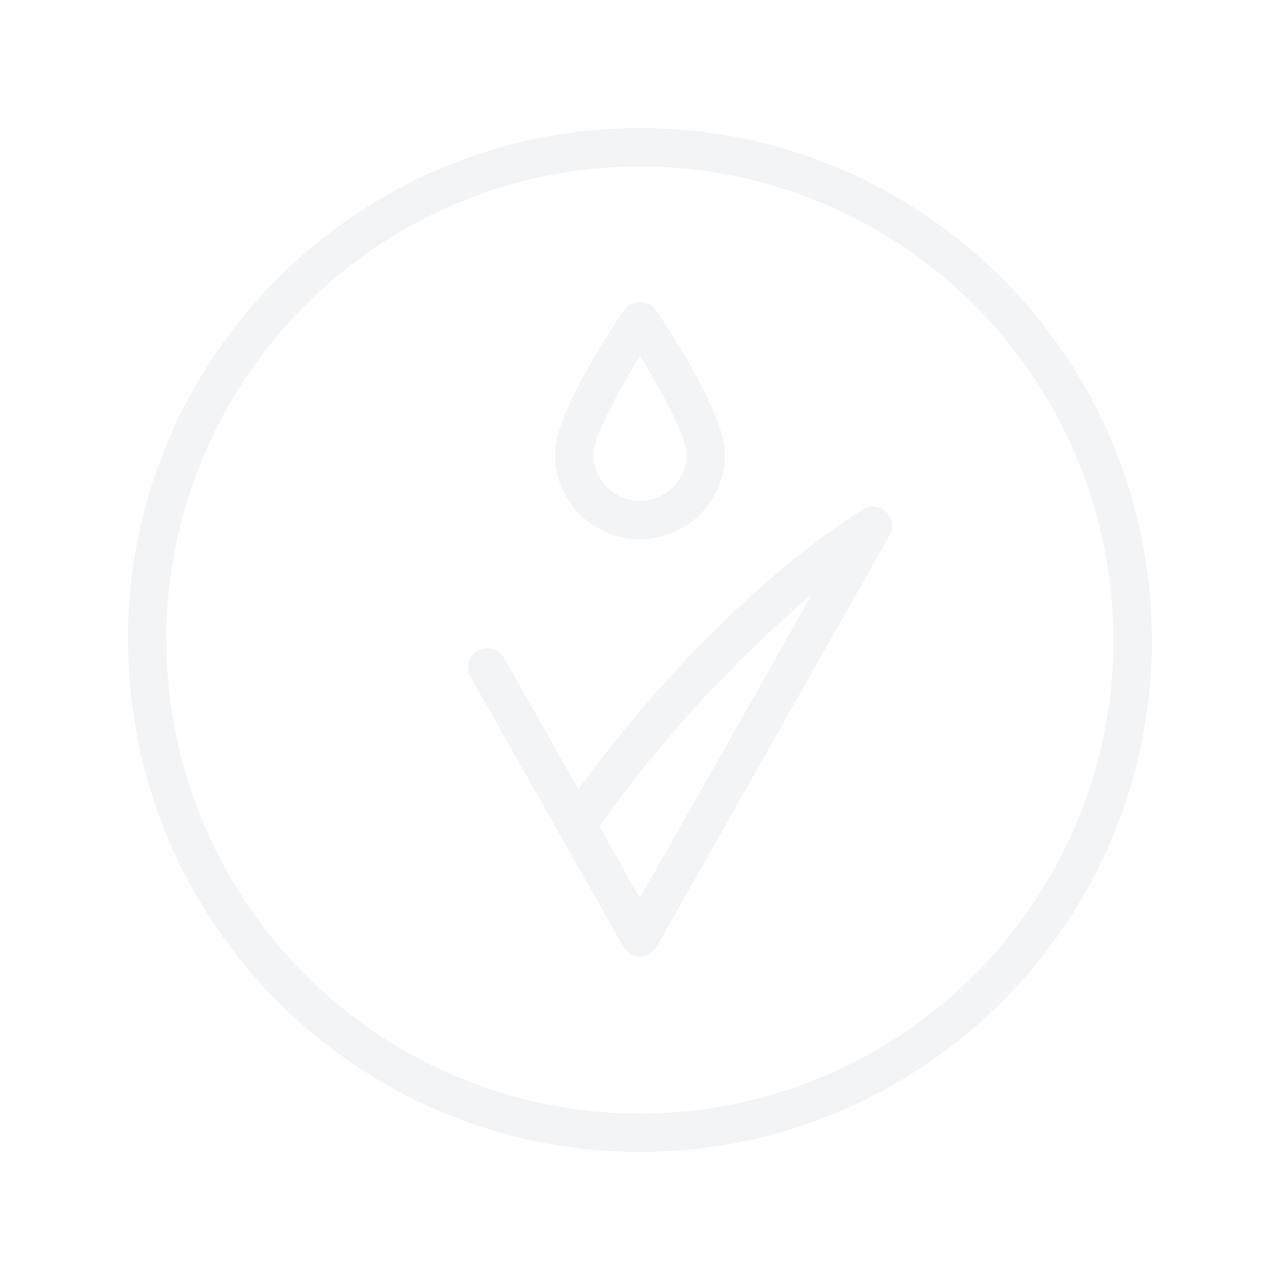 MARC JACOBS Decadence 50ml Eau De Parfum Gift Set